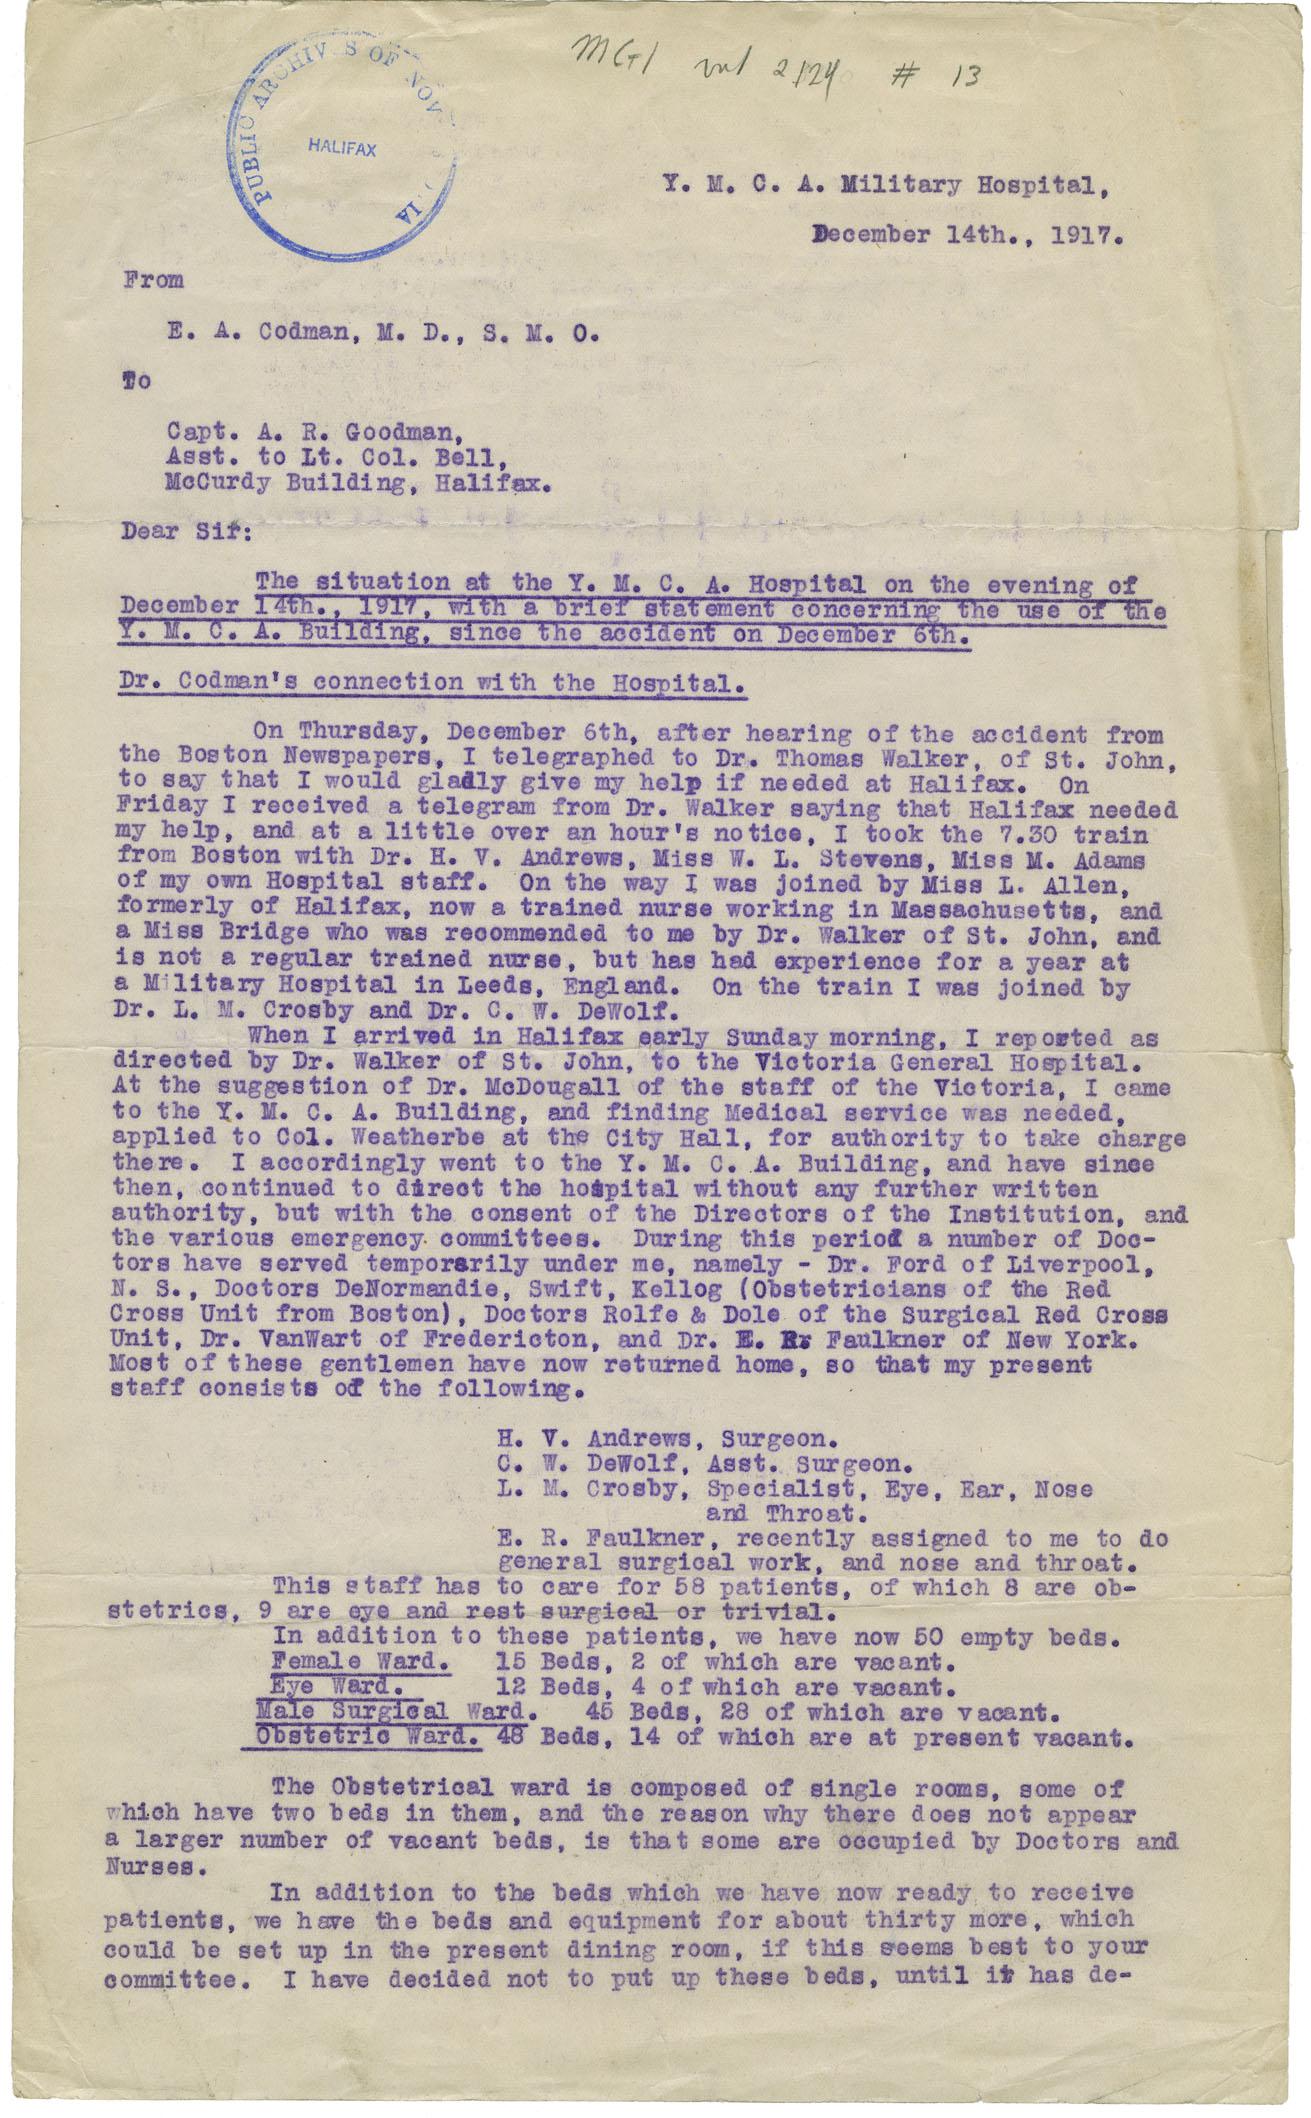 Nova Scotia Archives - Archibald MacMechan